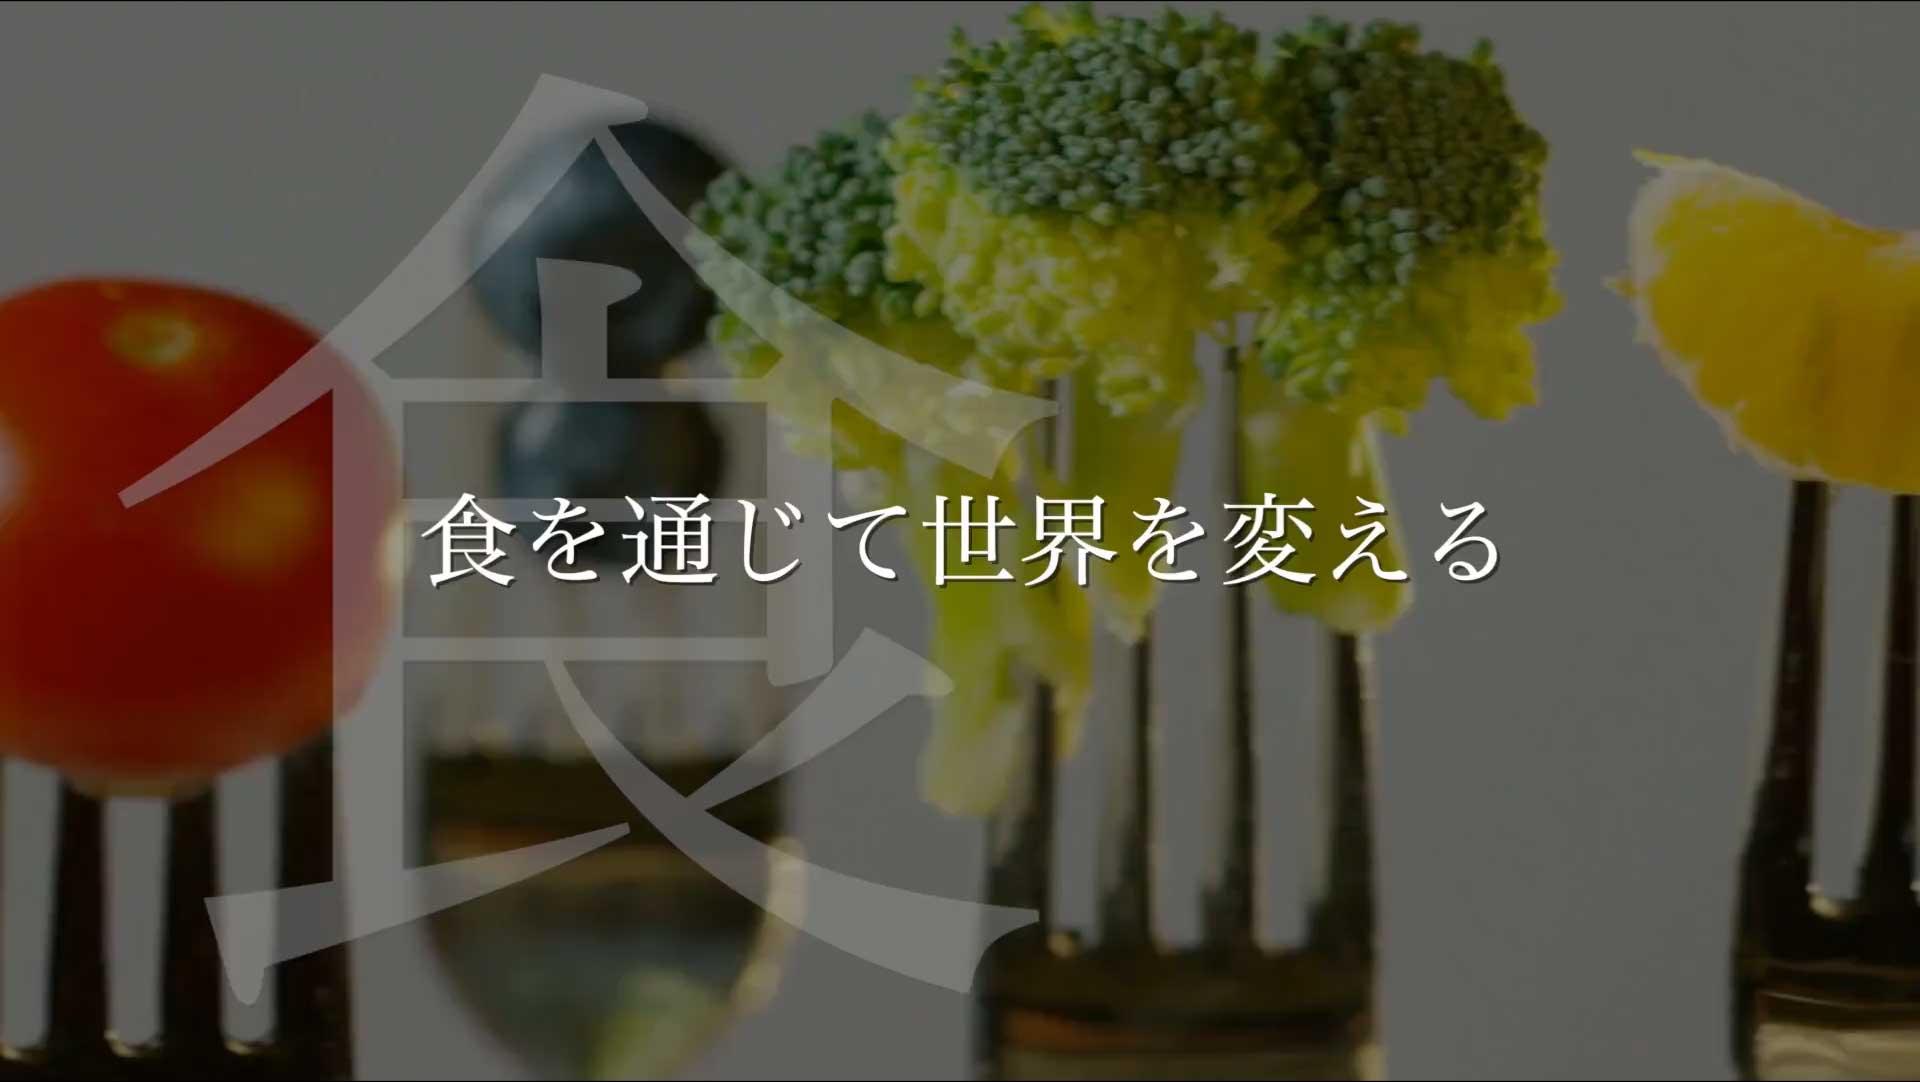 3/26 18:00~昌平坂フォーラム 辻安全食品 辻幸一郎 社長